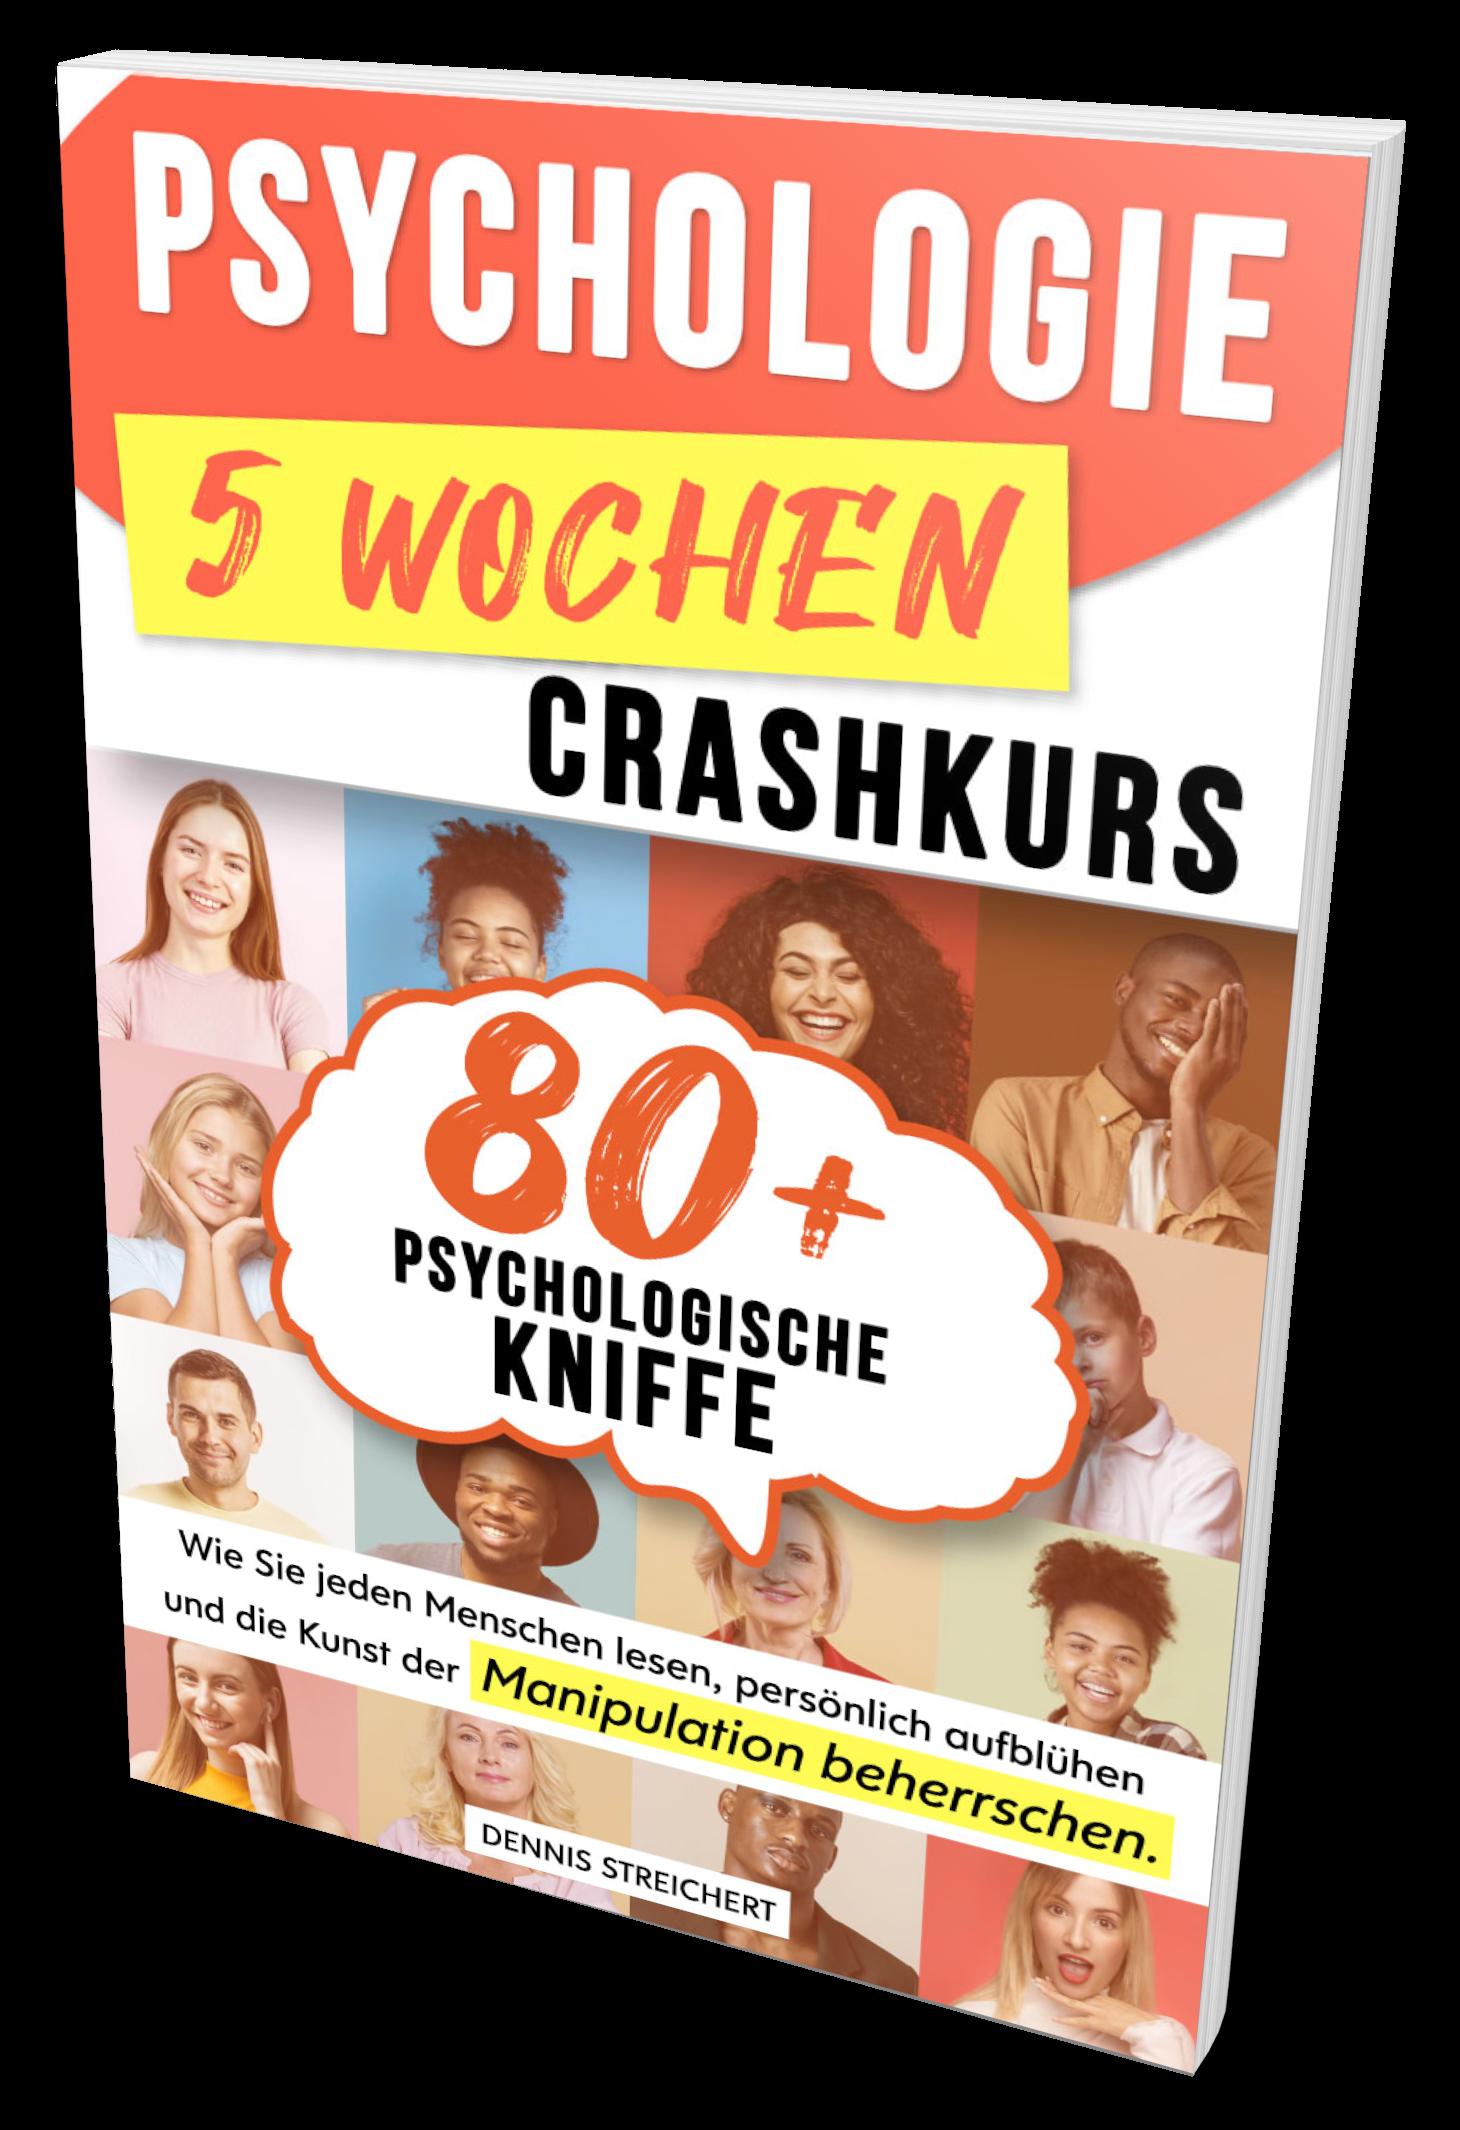 Psychologie Buch für Anfänger